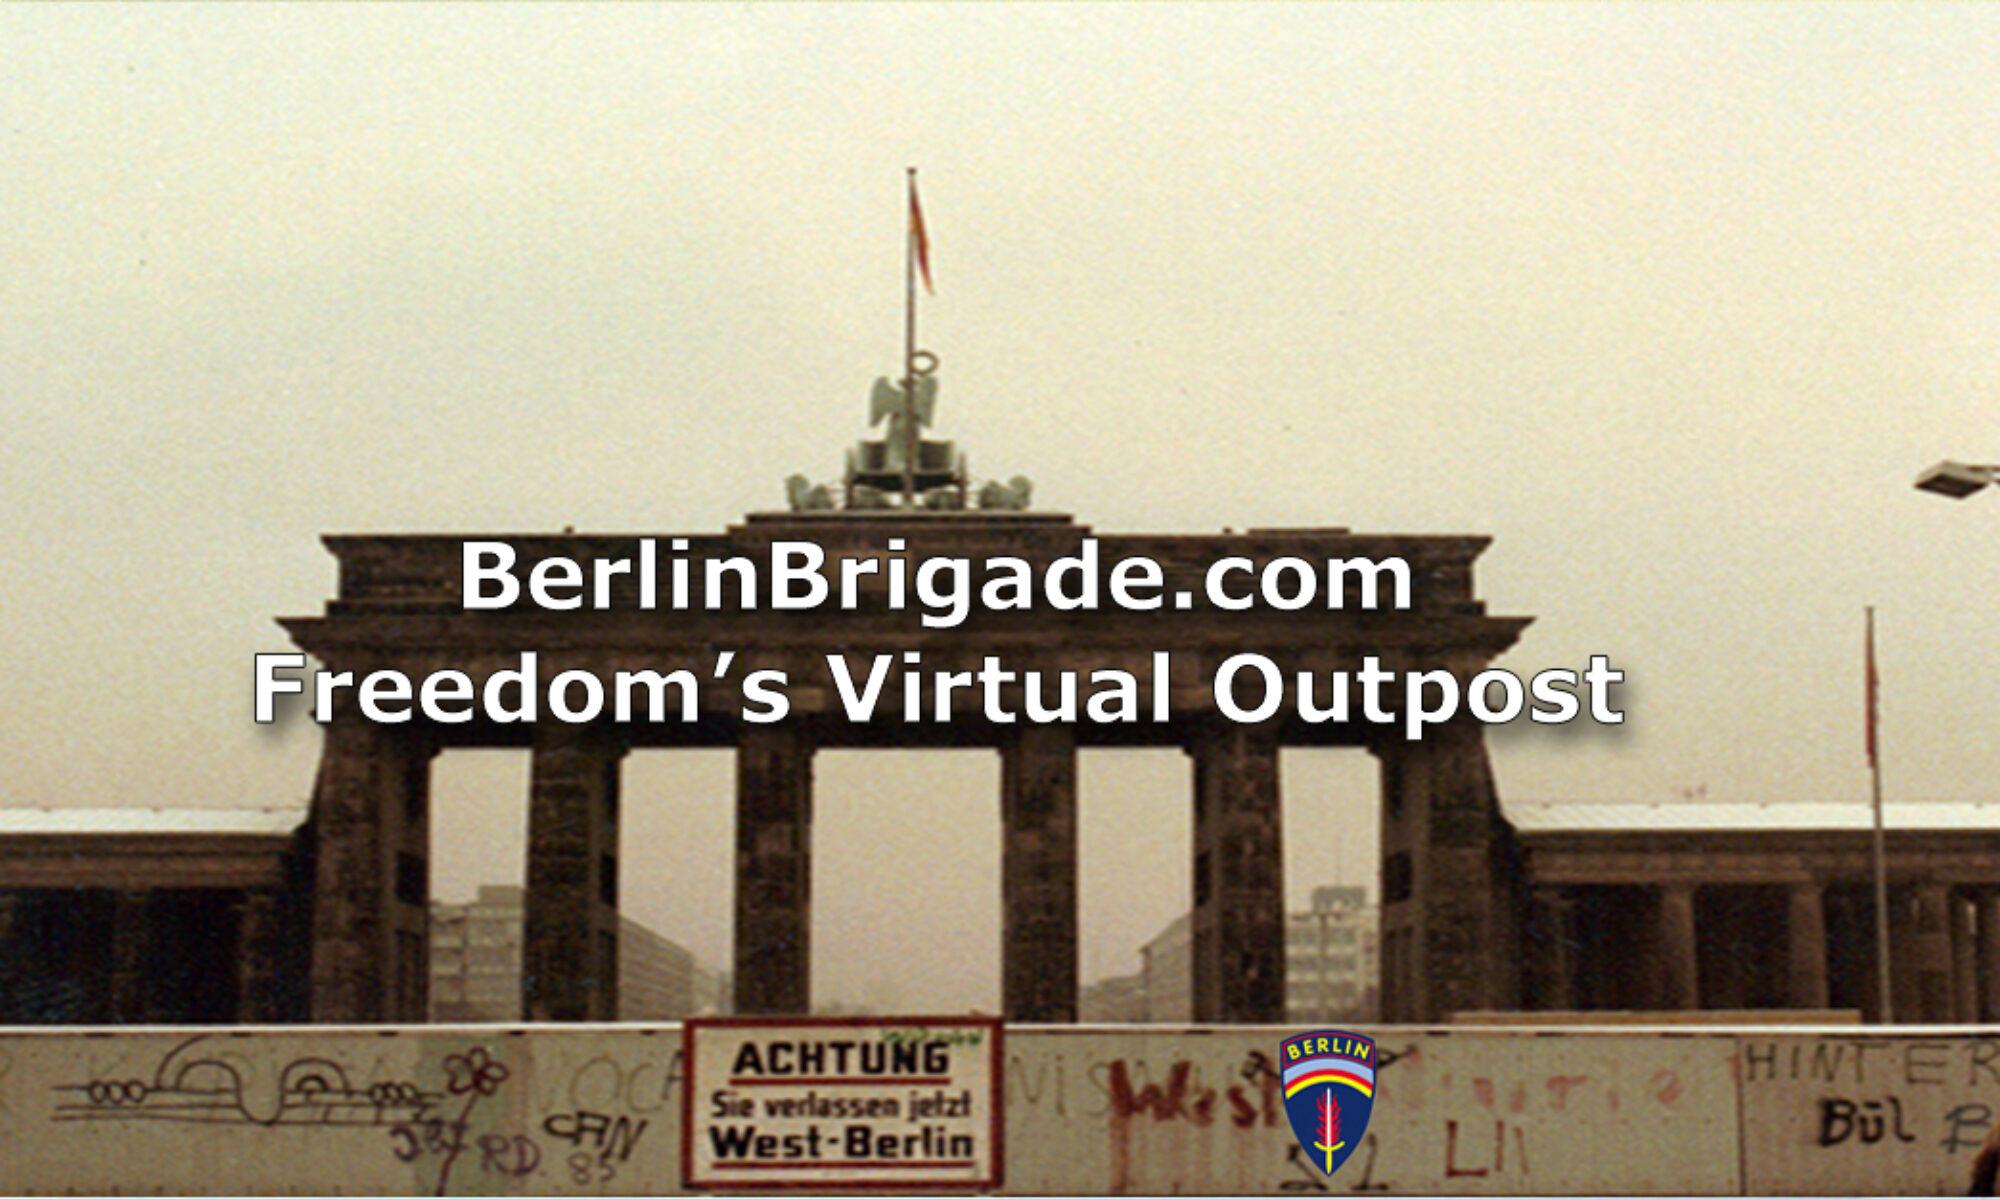 BerlinBrigade.com